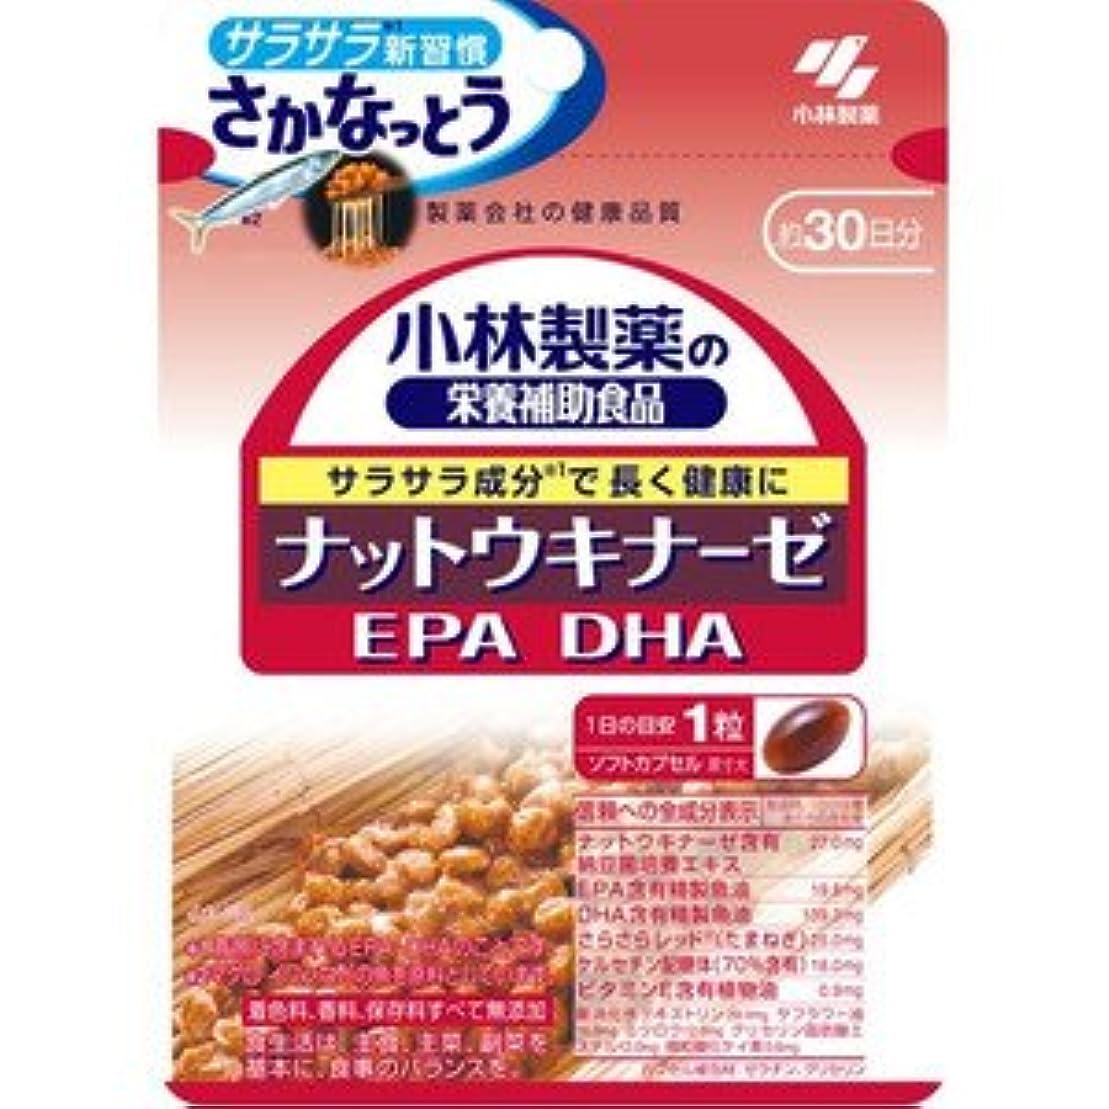 日光債務なめらか【小林製薬】ナットウキナーゼ (EPA/DHA) 30粒(お買い得3個セット)